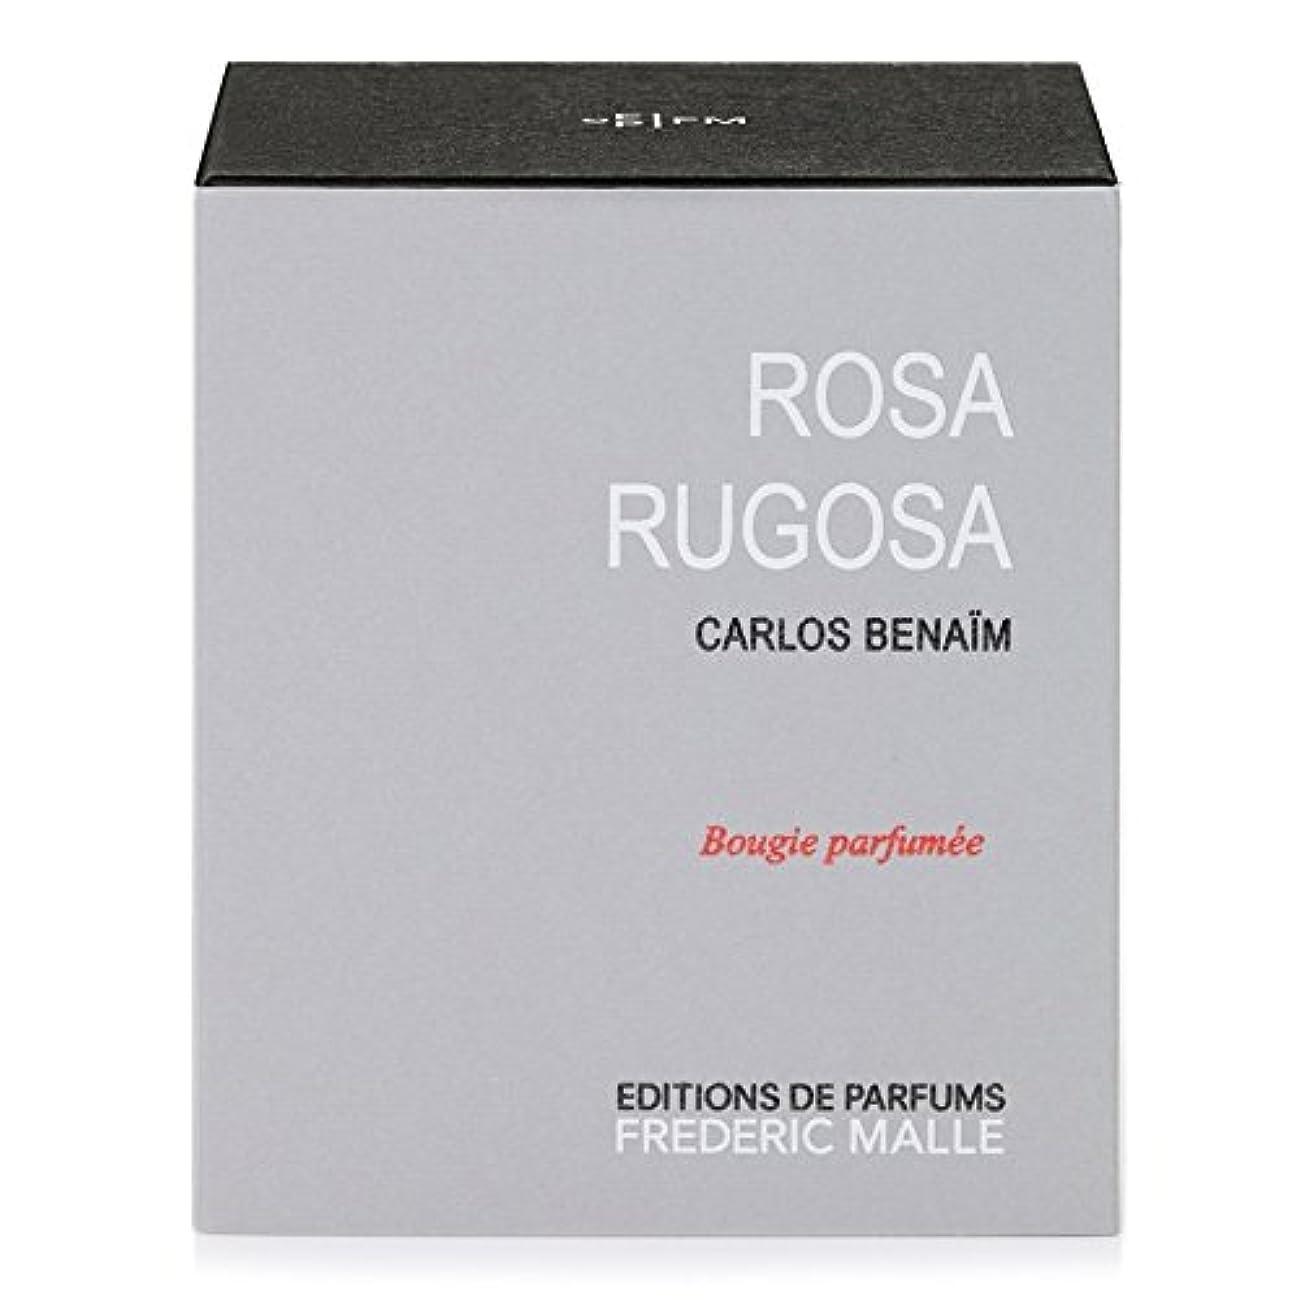 代わりにを立てる比較的経済的Frederic Malle Rosa Rugosa Scented Candle - フレデリック?マルハマナスの香りのキャンドル [並行輸入品]